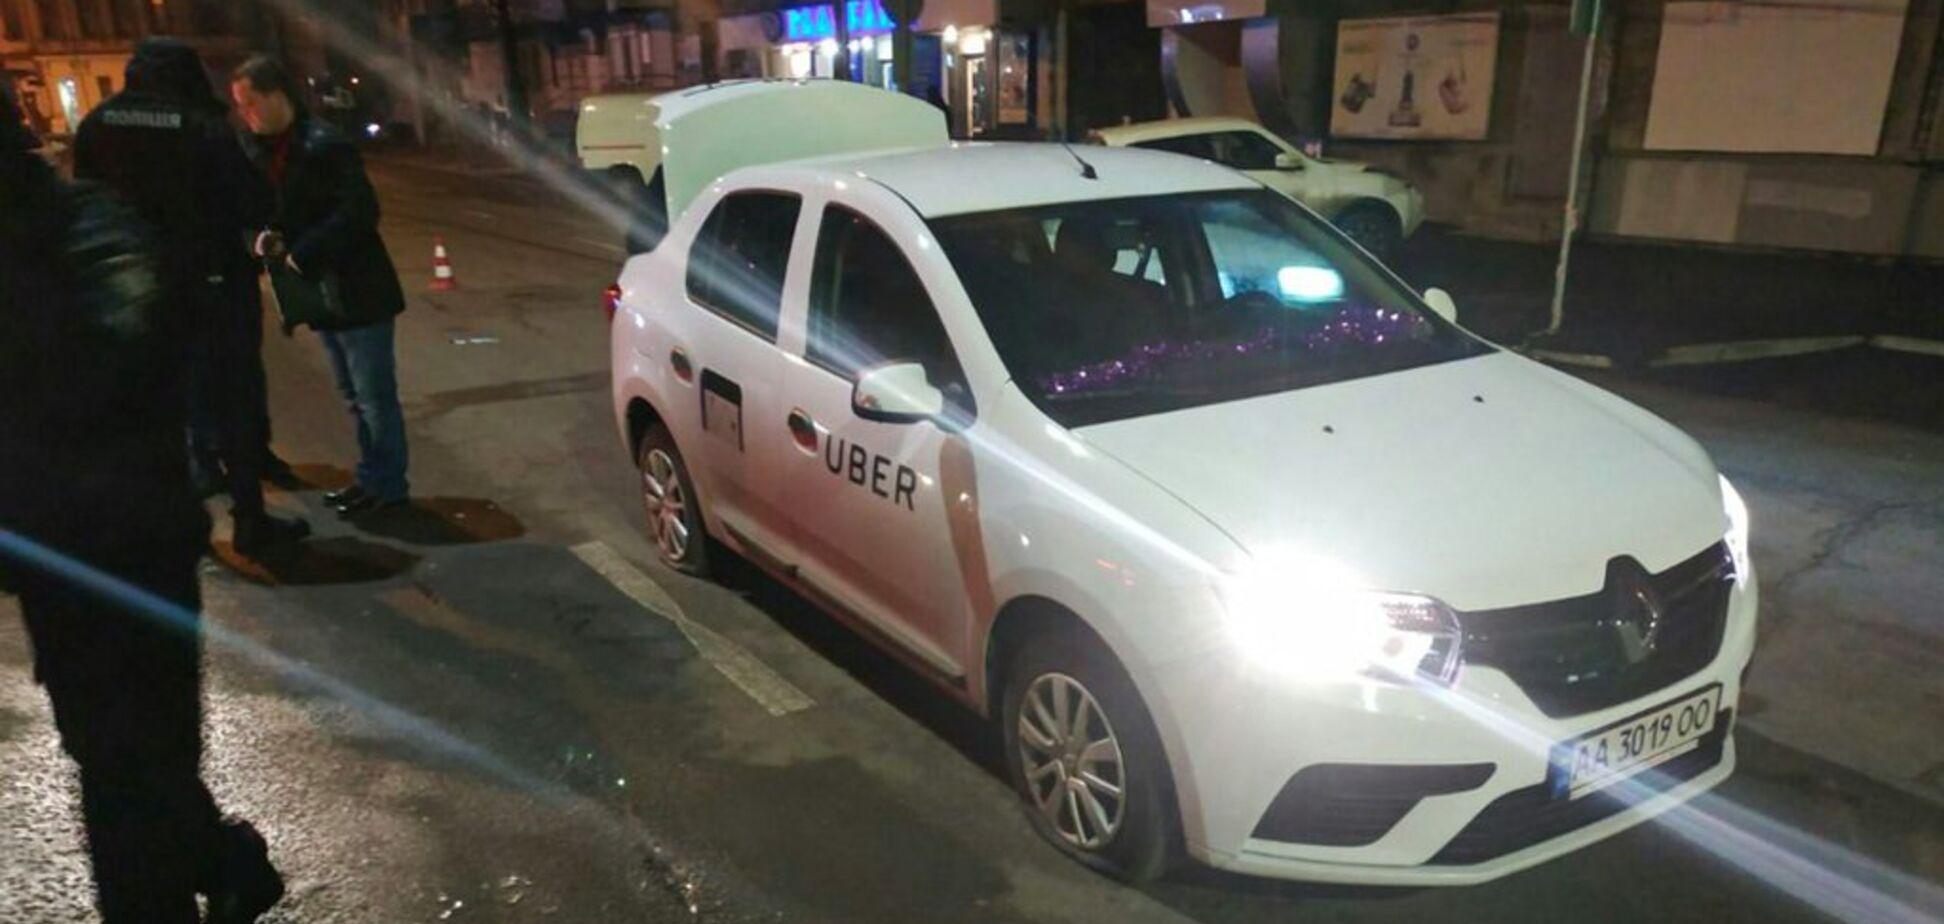 Вытащили из машины и избили: в центре Днепра совершили дерзкое нападение на таксиста